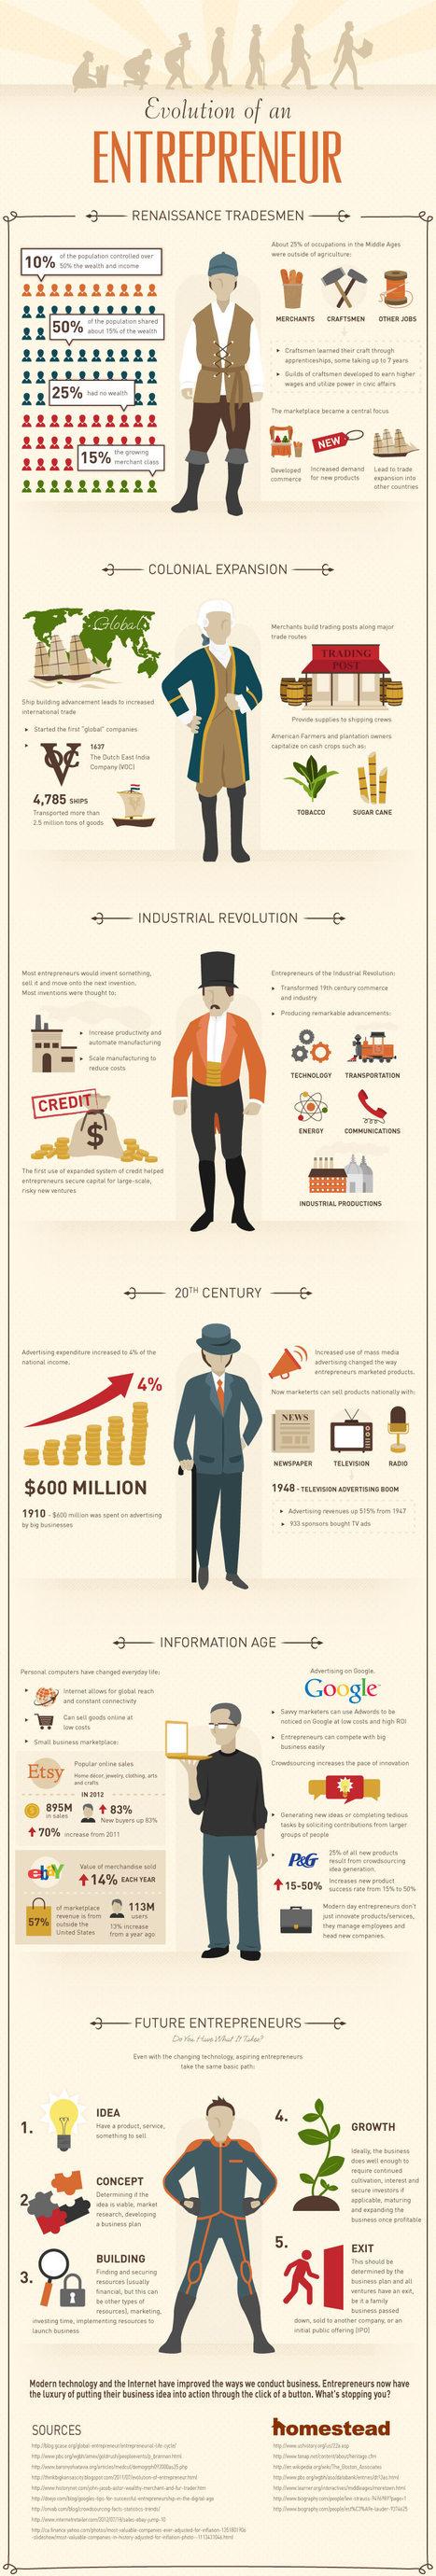 Cómo han evolucionado los emprendedores #infografia #infographic #entrepreneurship | Proyecto Empresarial 2.0 | Scoop.it